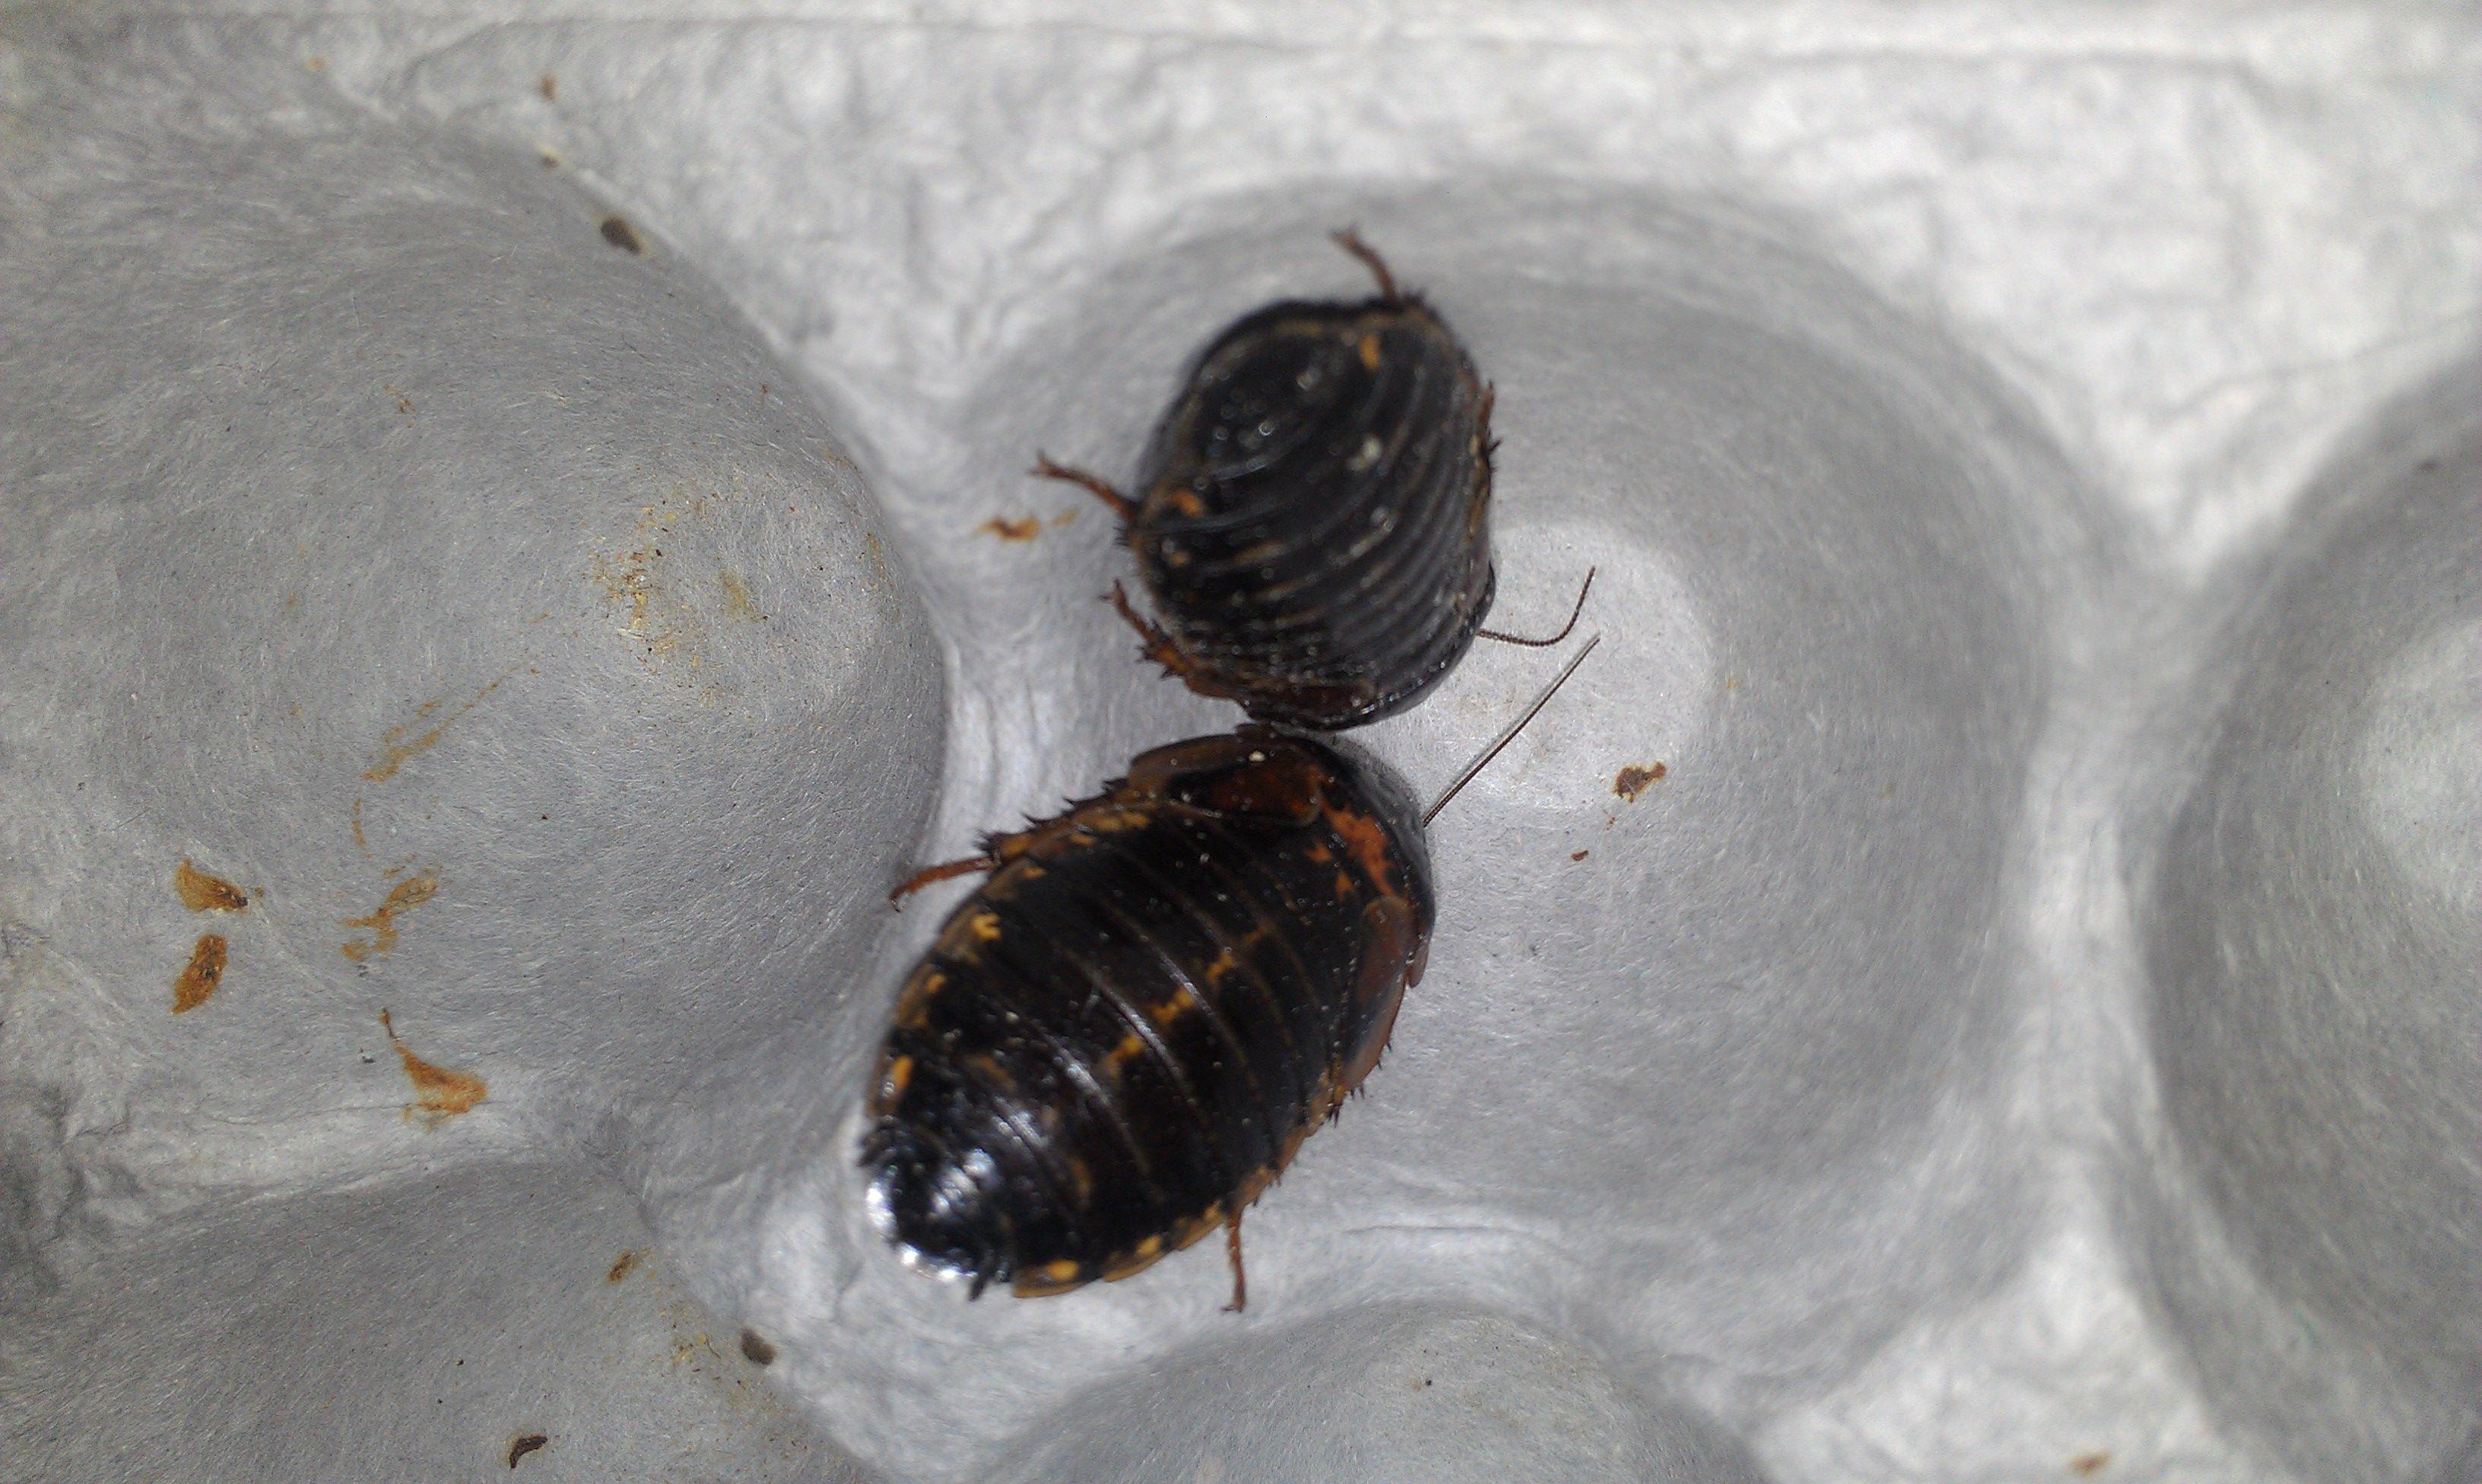 Cría y reproducción de cucarachas.....si!! cucarachas!!!! Jt5r